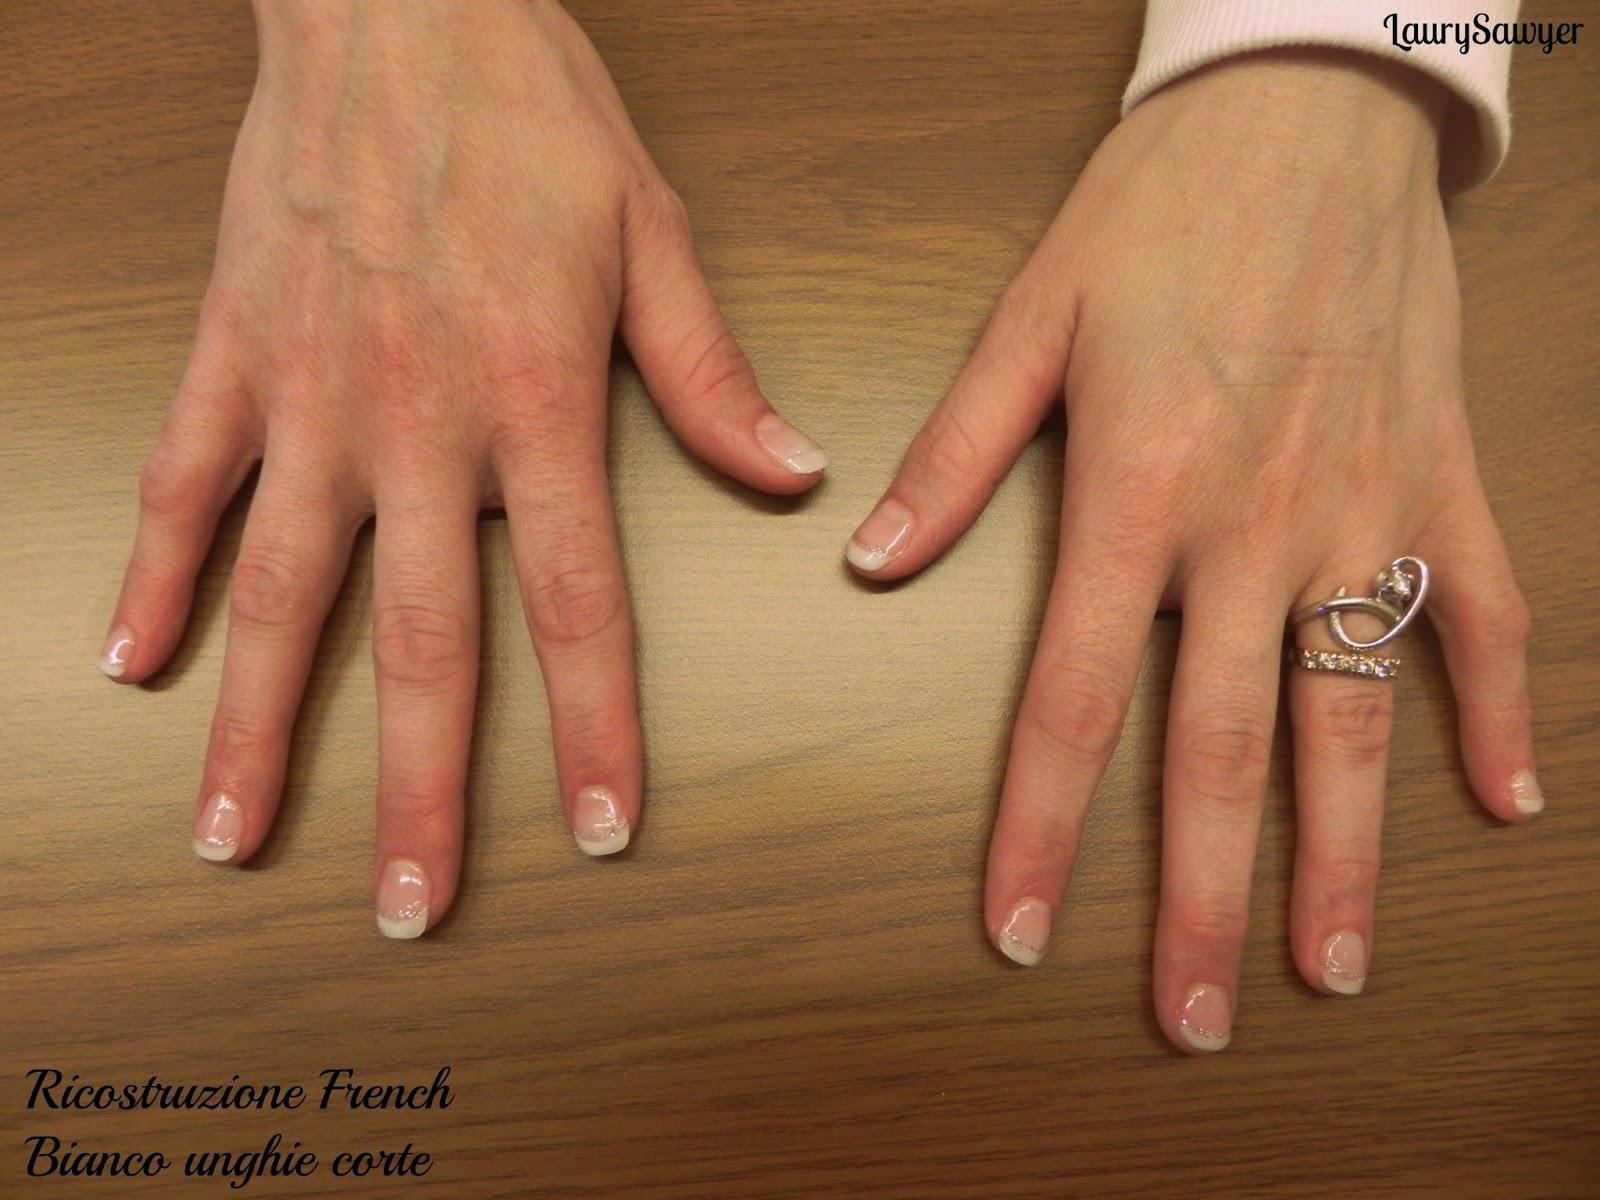 Ricostruzione unghie corte, French Bianco